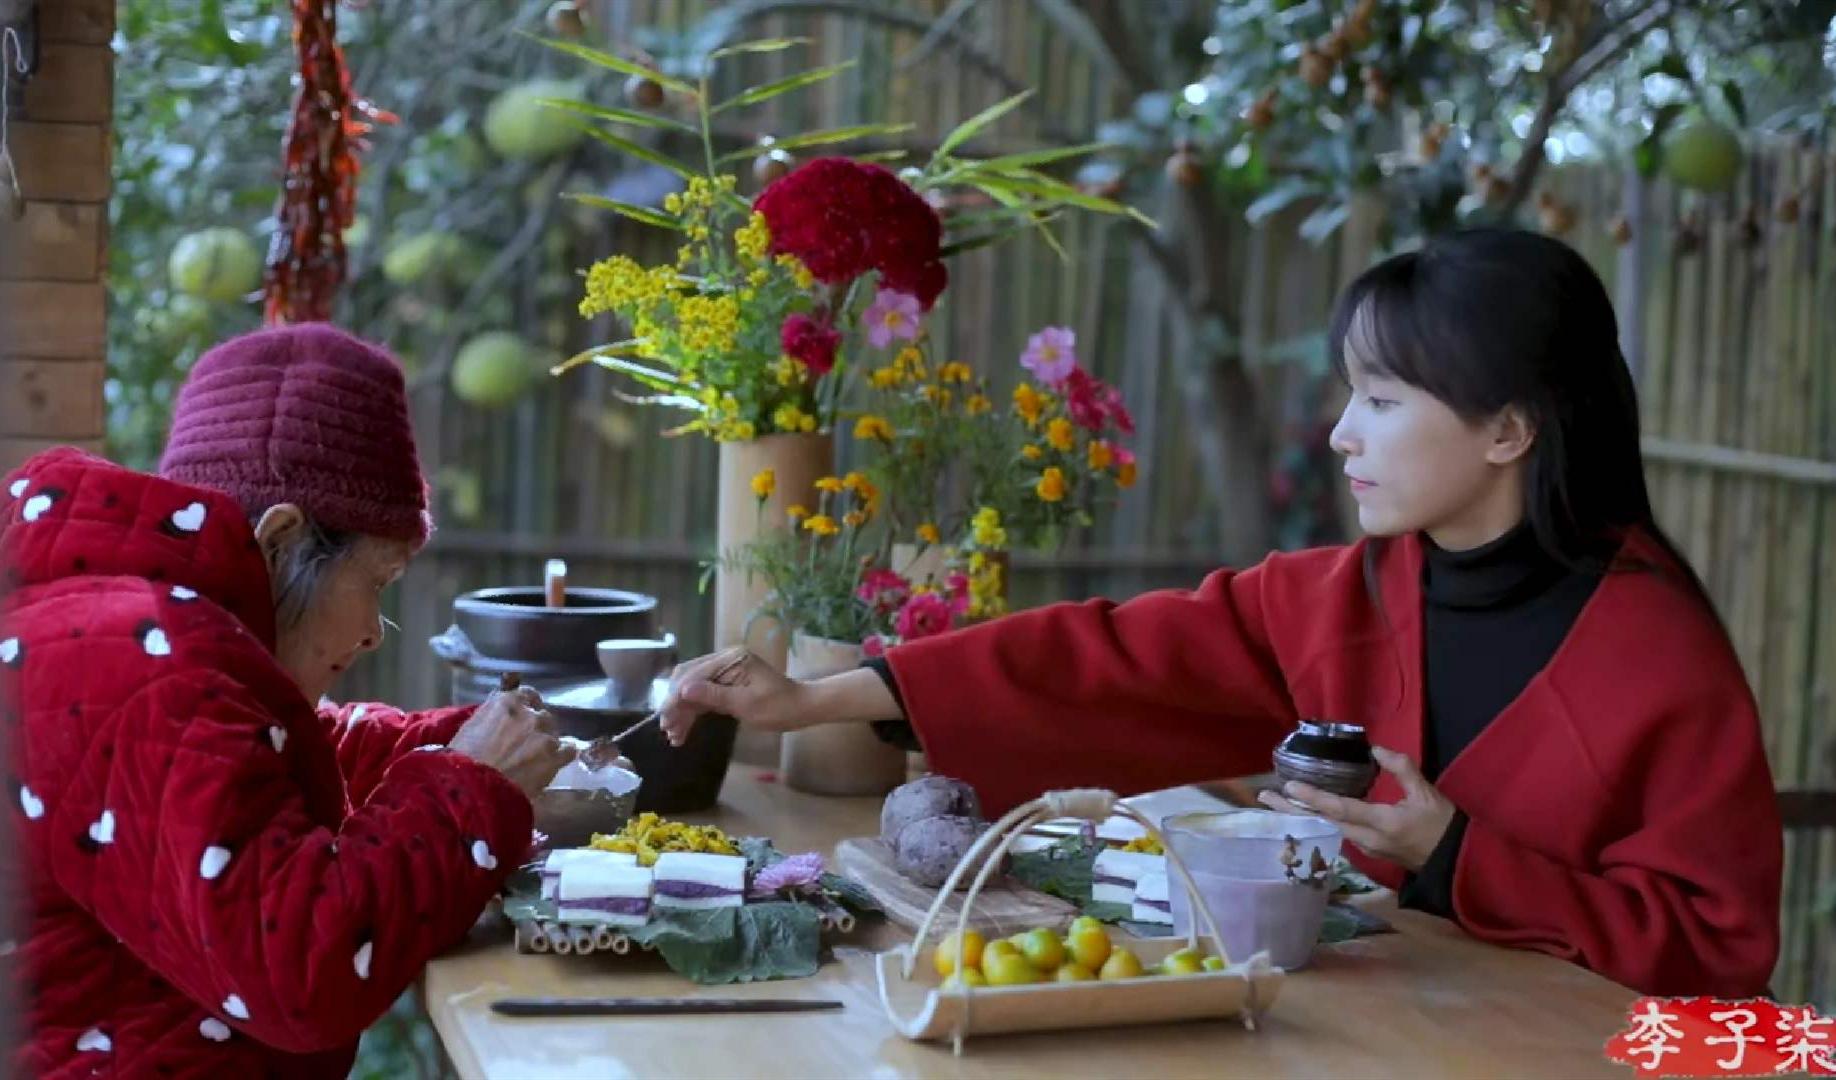 记者采访网红李子柒被怼是什么原因,李子柒是个怎样的人